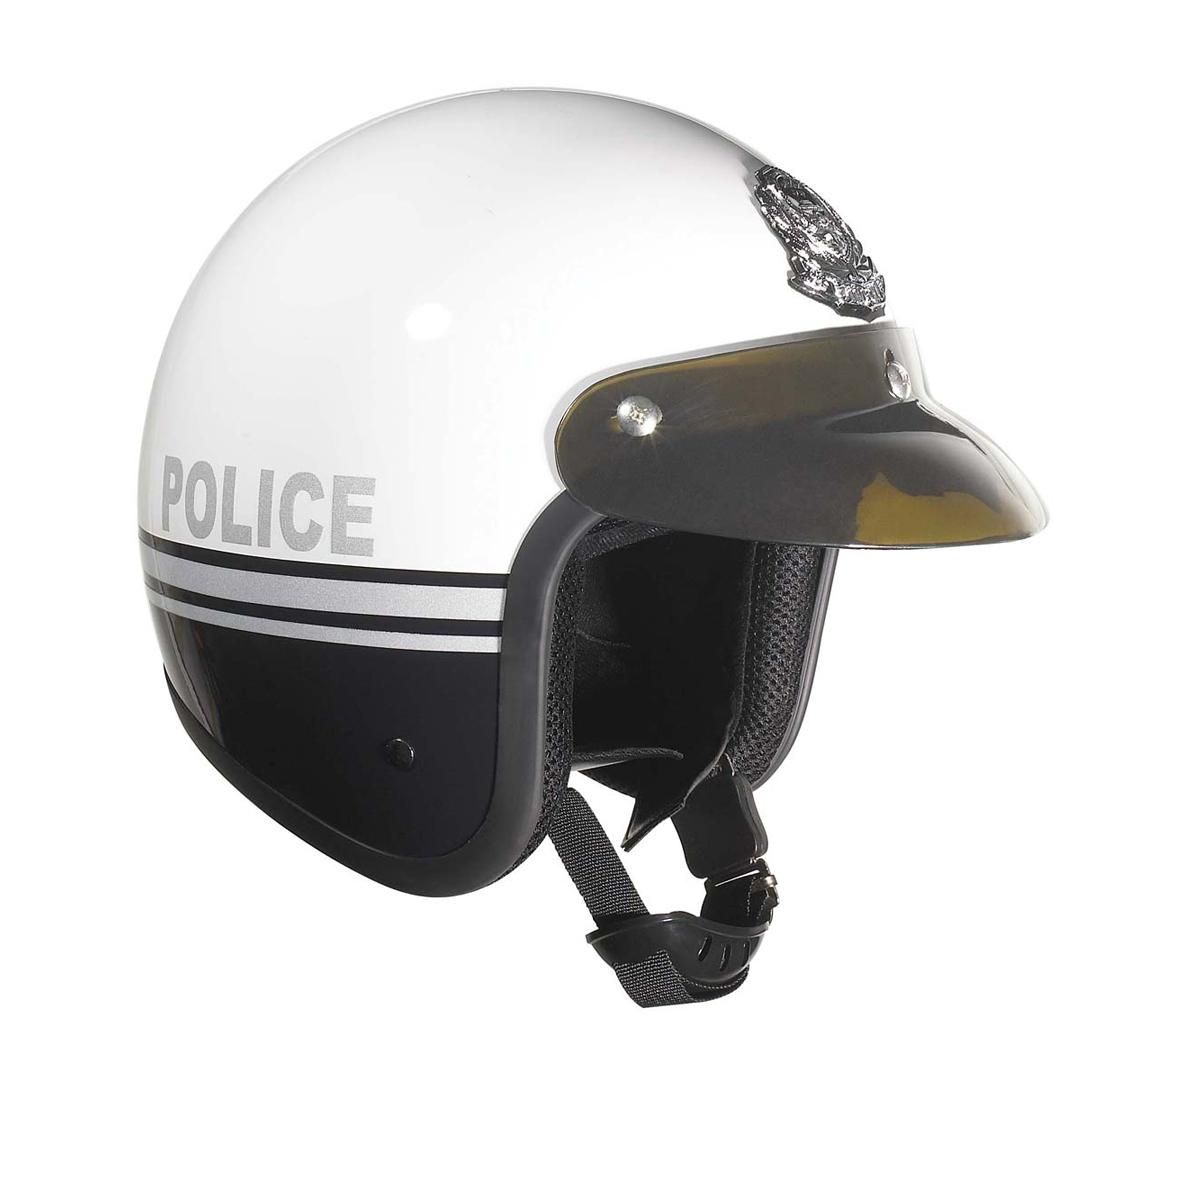 警用春秋头盔  MTK-C-2L